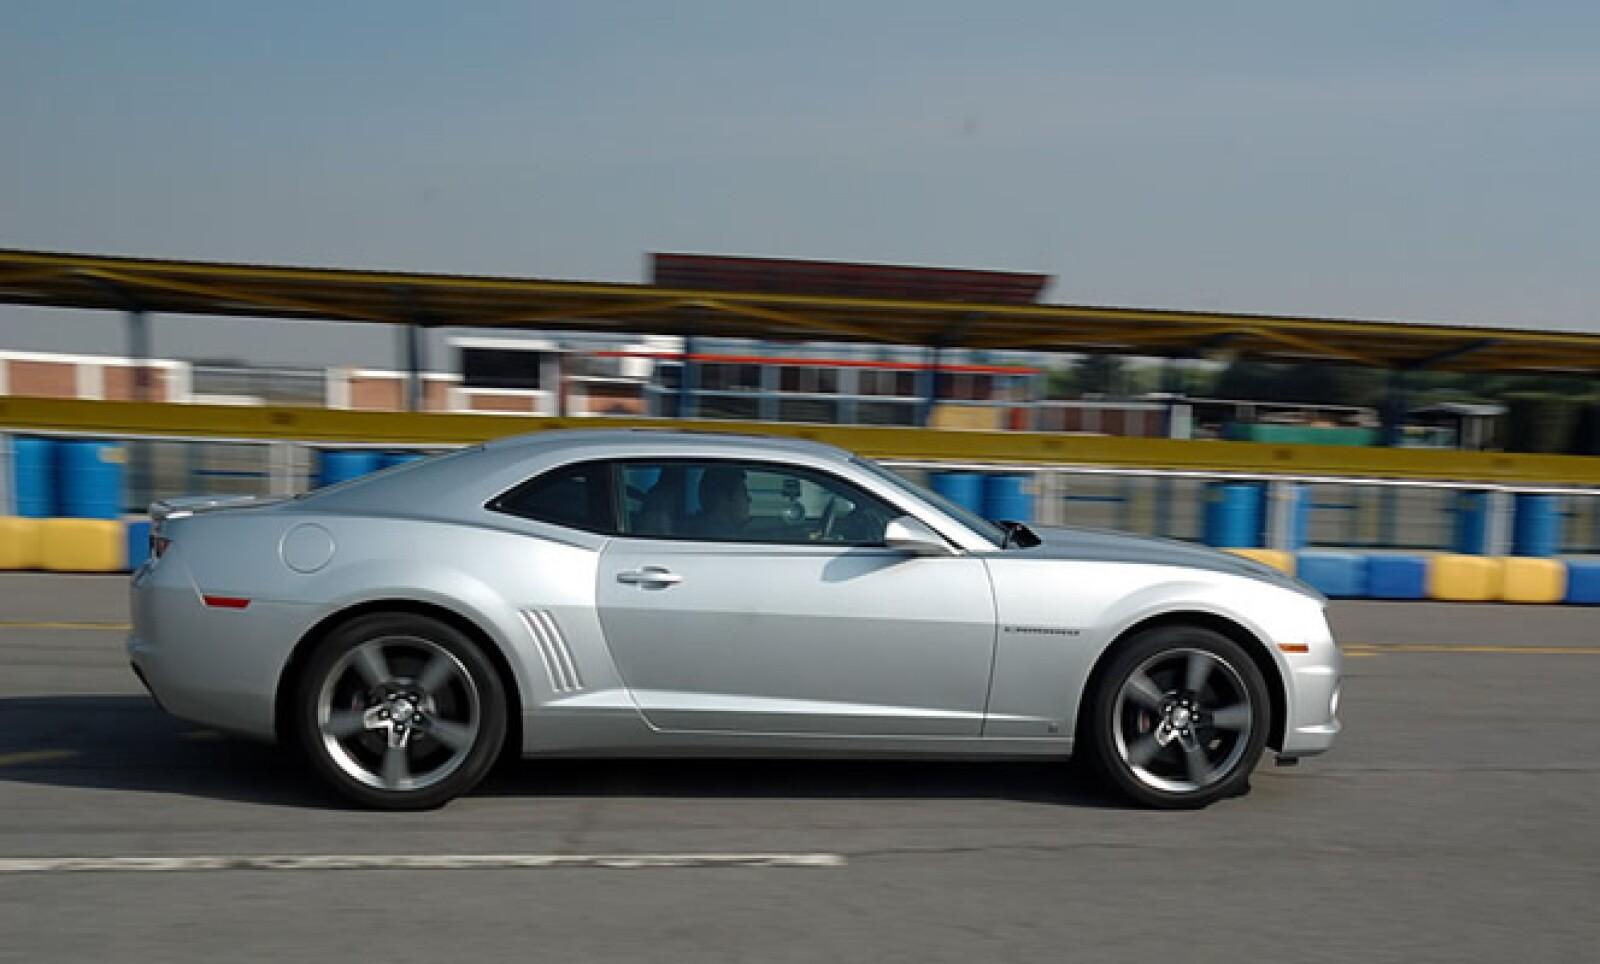 La versión básica de este automóvil tiene un precio de $430,000; la versión equipada llega a los $530,000.